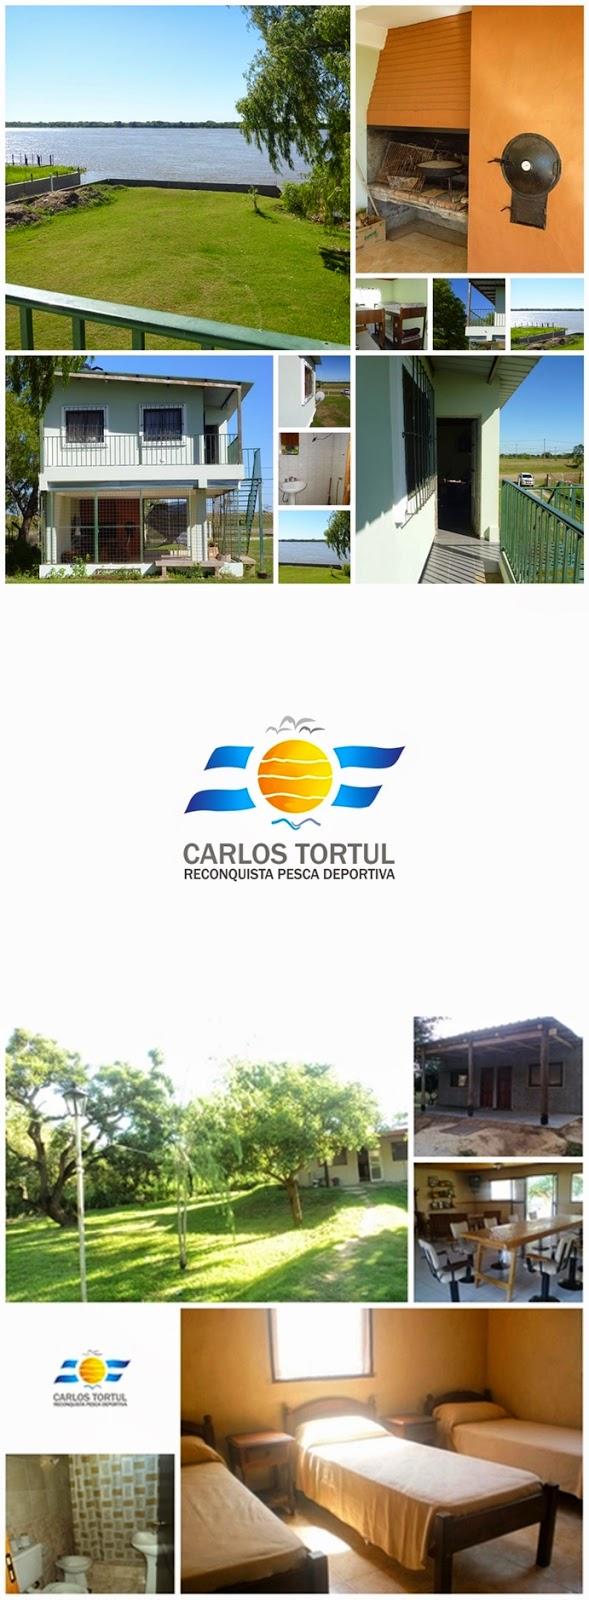 Cabañas en la Isla y en la ciudad de Rqta. con excelentes servicios